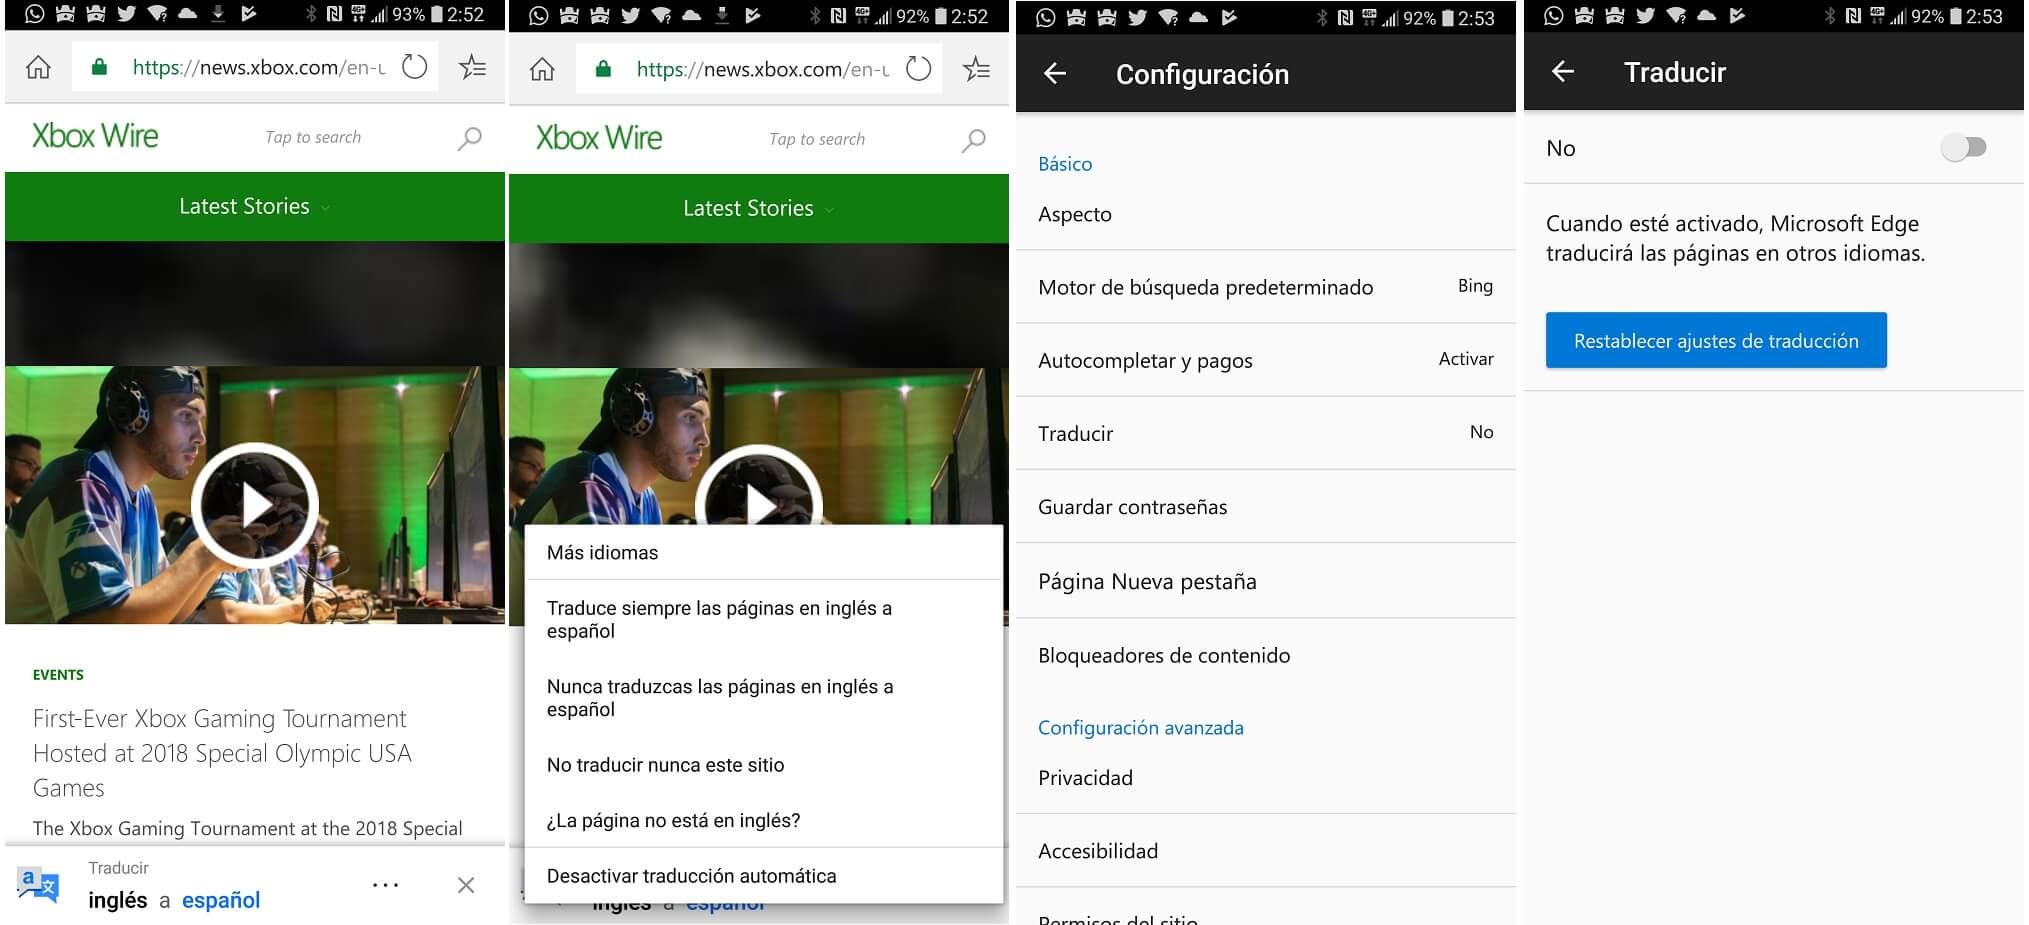 Edge ya traduce paginas de figura automáticamente en su beta para Android